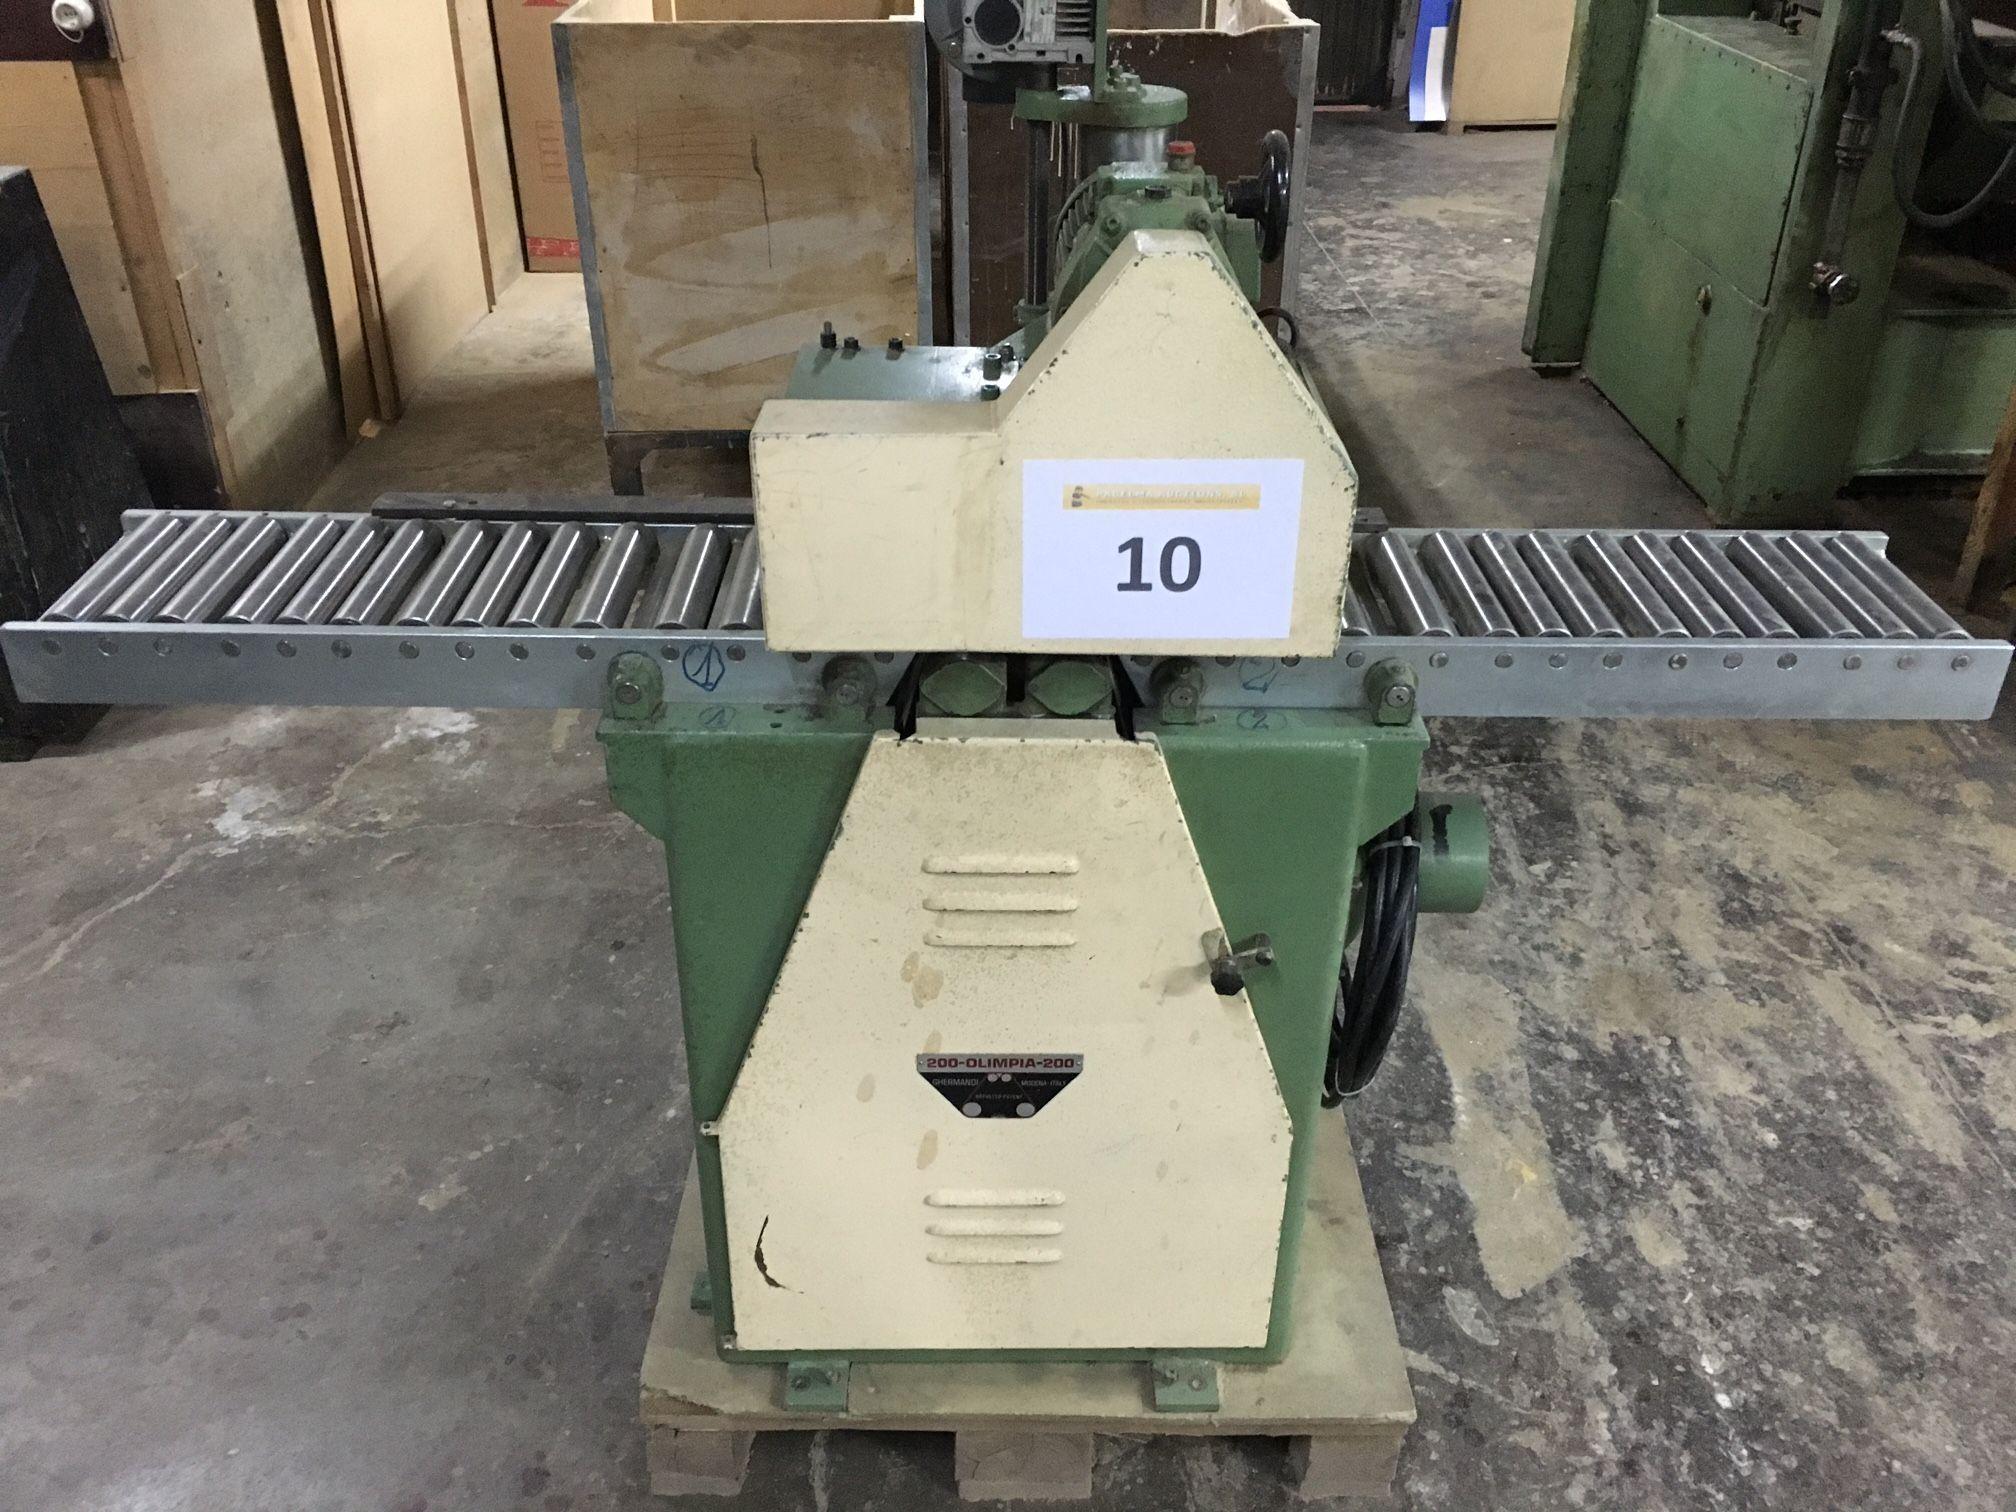 Muebles La Fabrica Bilbao : Pacelma auctions s l fabrica del mueble bilbao